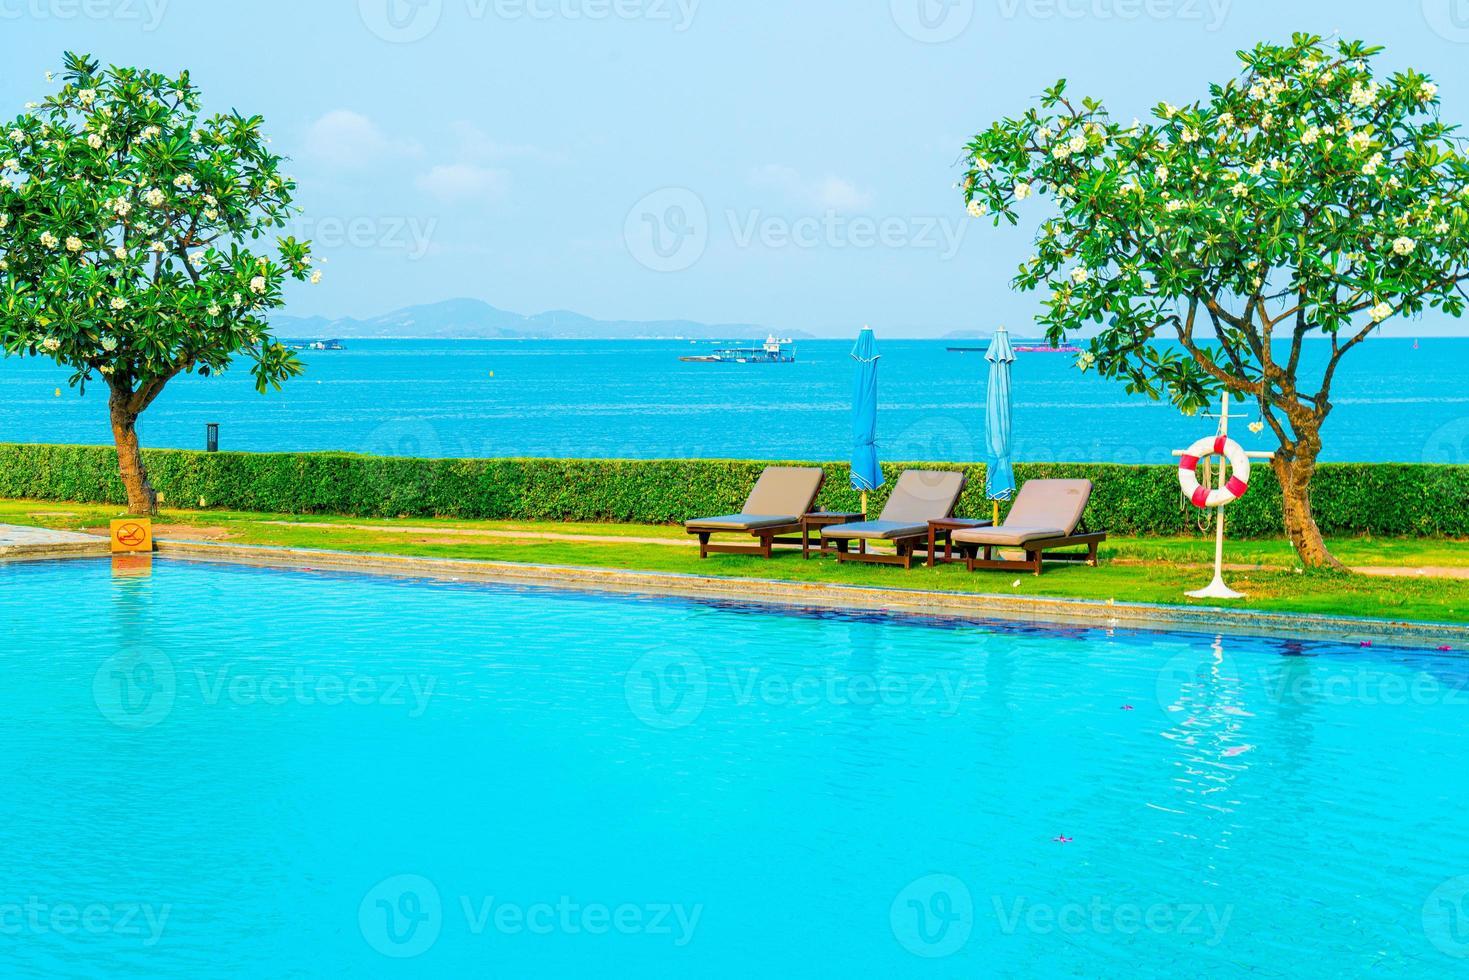 Piscina de sillas alrededor de la piscina con fondo de mar - vacaciones y concepto de vacaciones foto